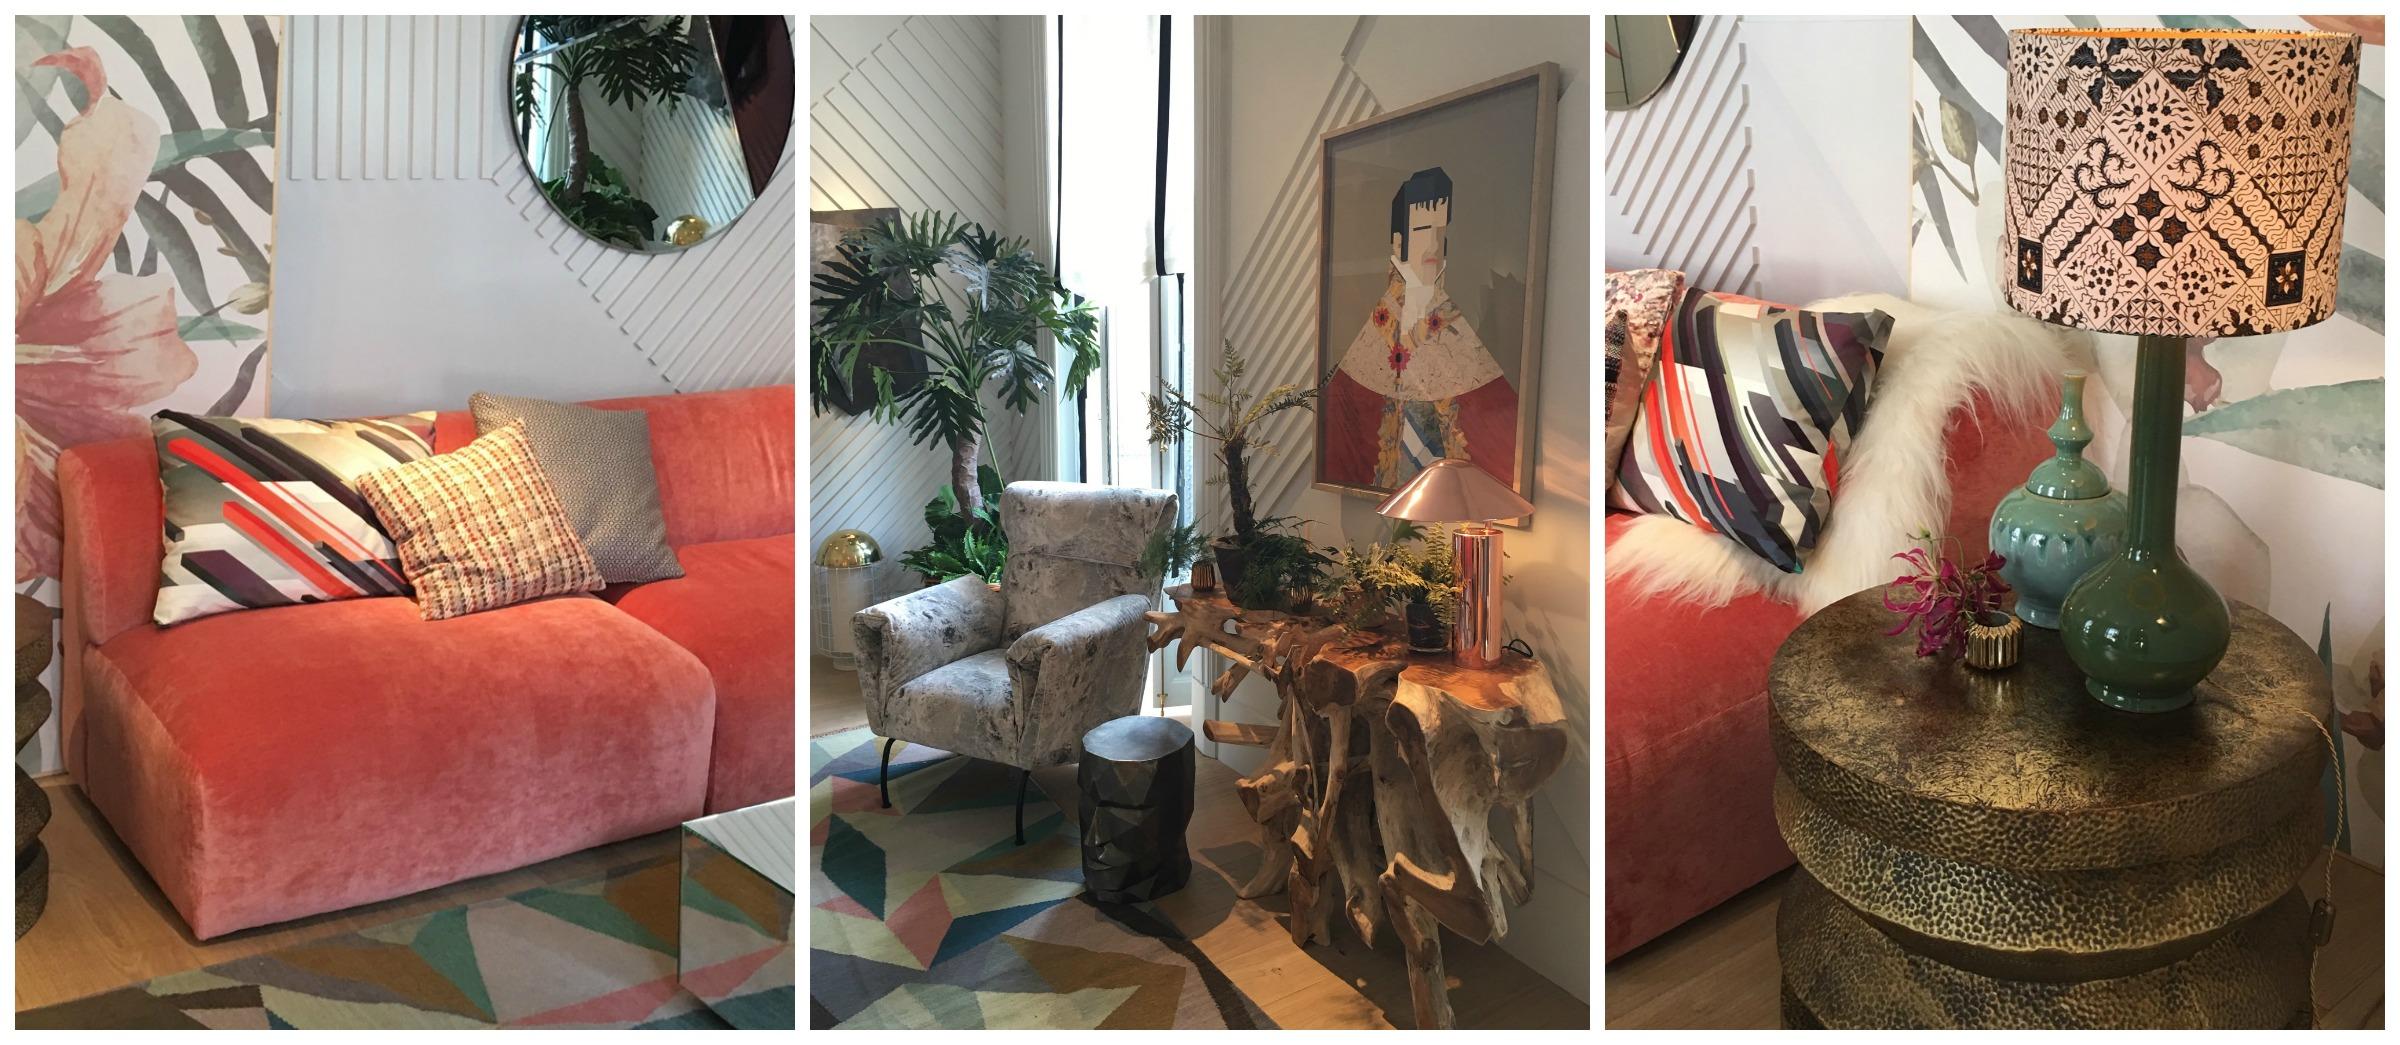 Casa Decor 2016: tendencias en decoración de interiores